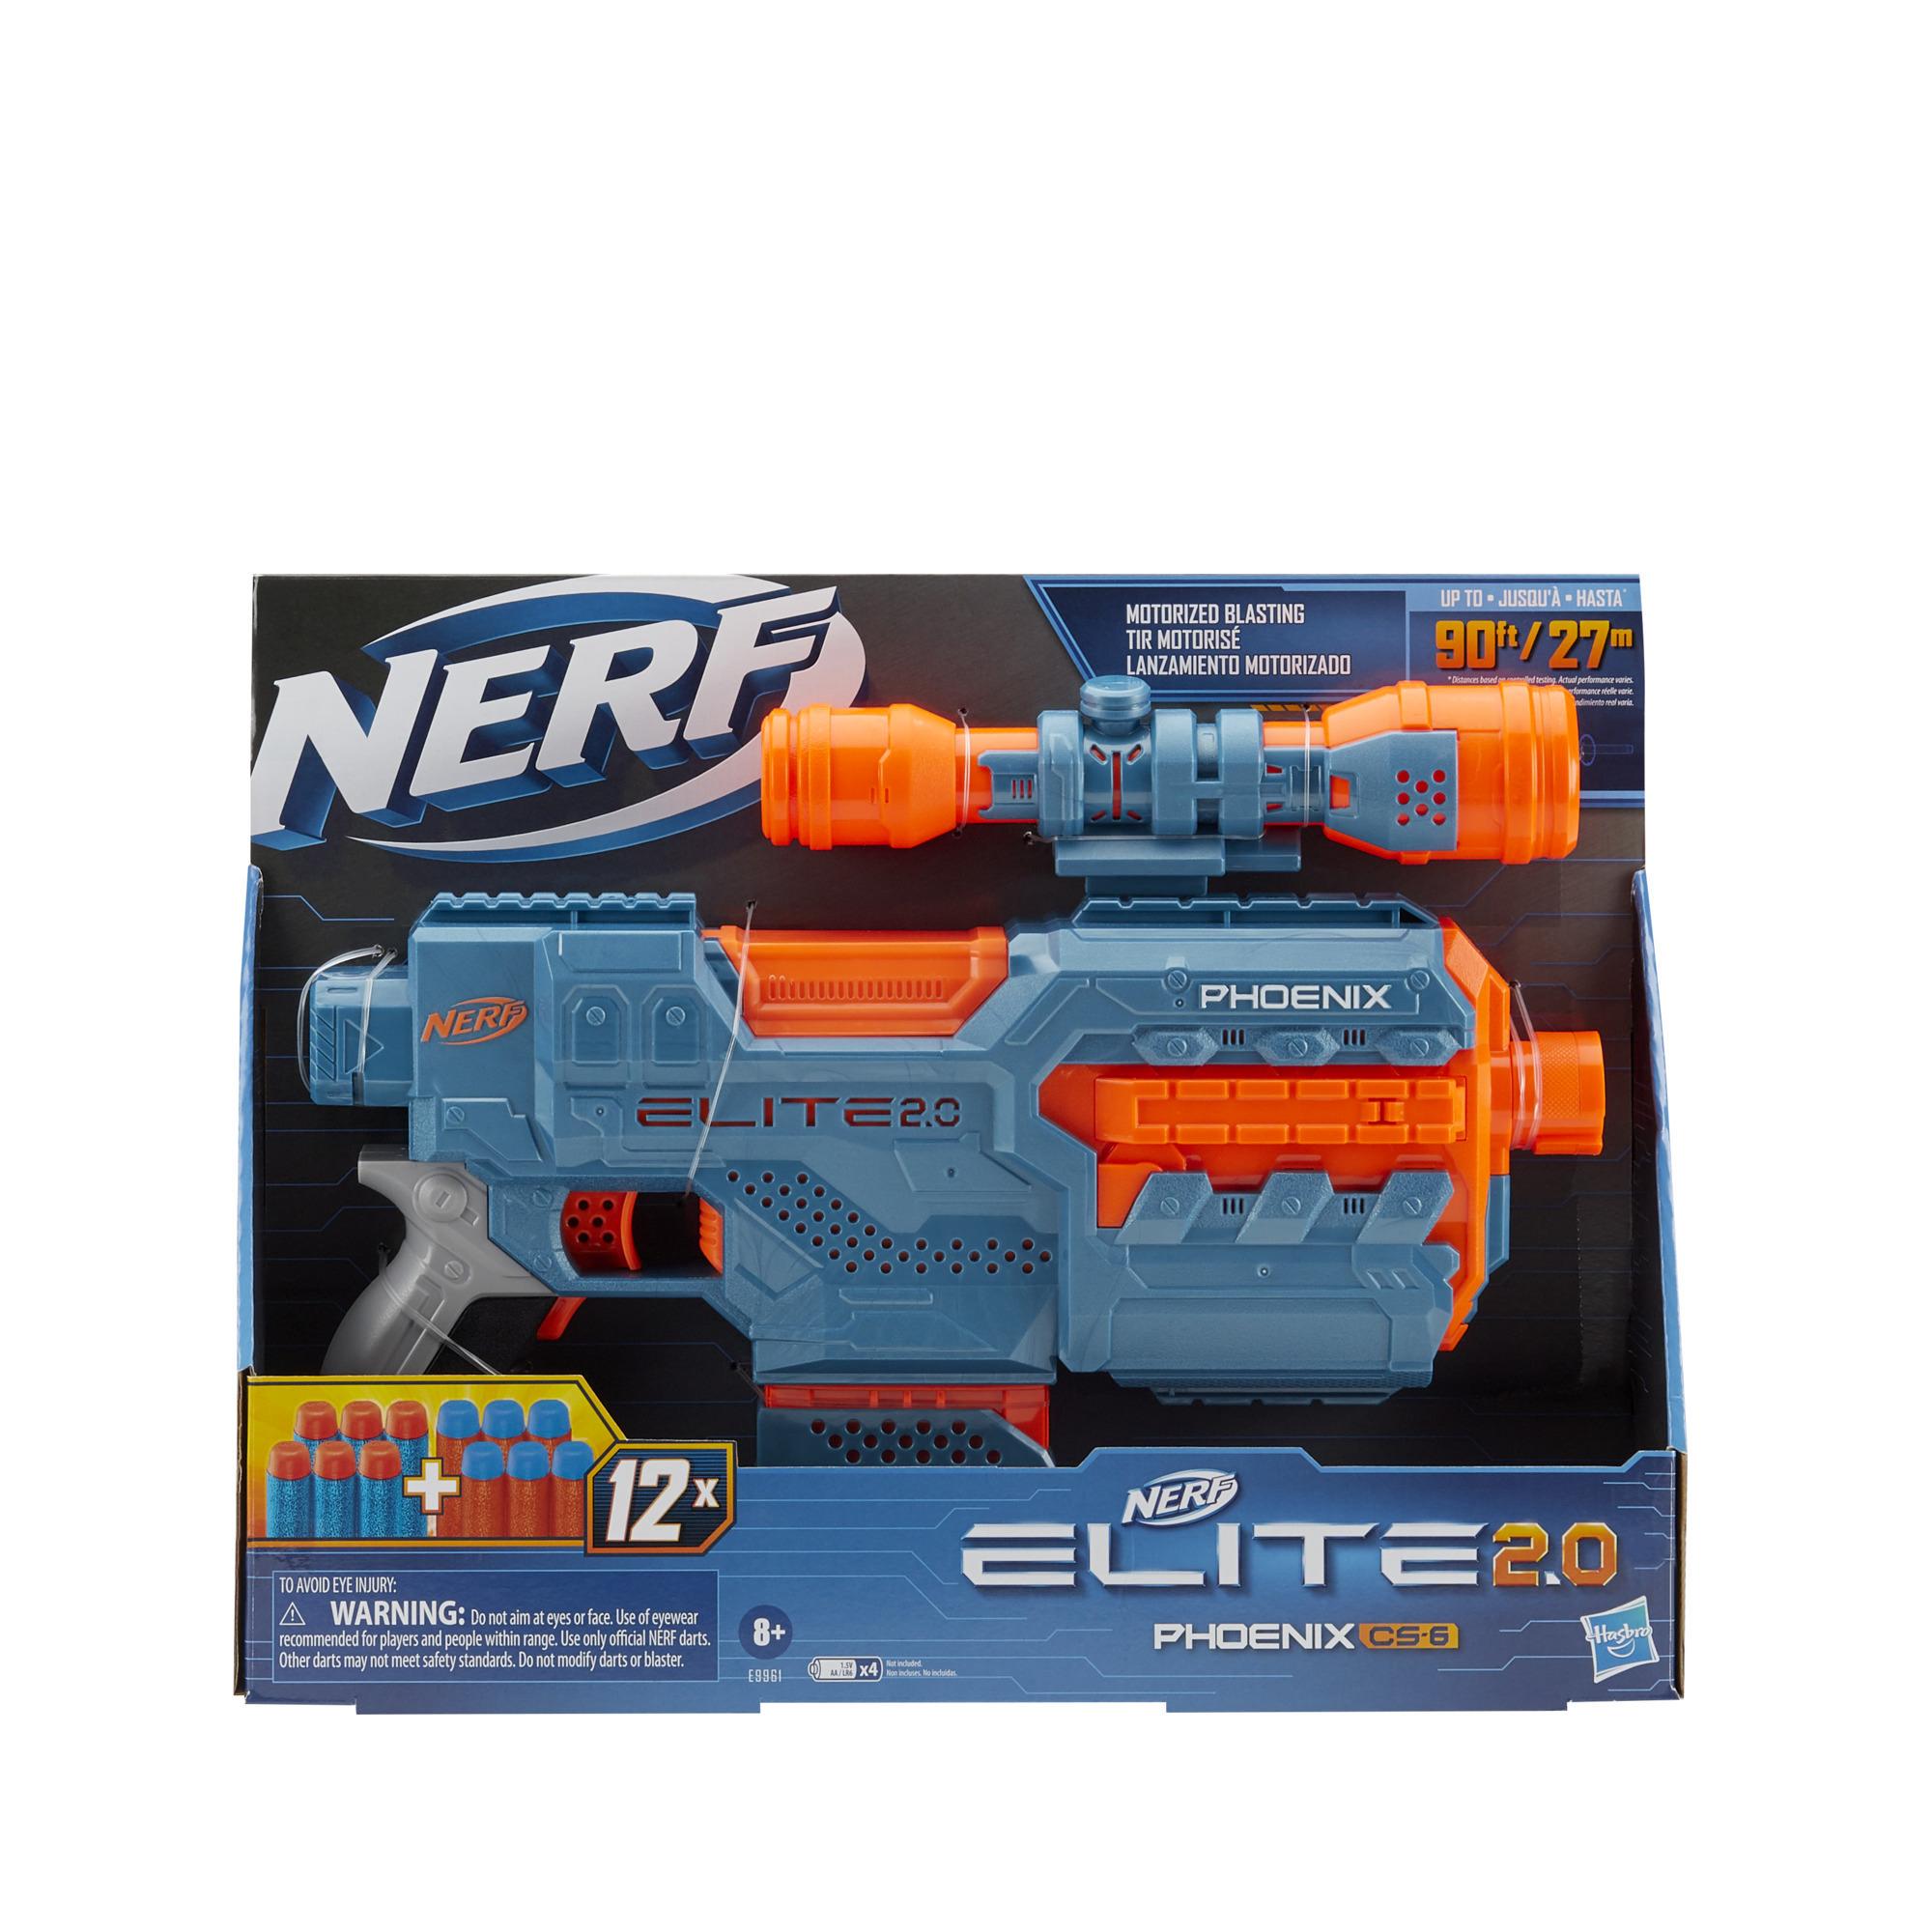 Nerf Elite 2.0 - Phoenix CS-6 (blaster motorizzato con caricatore a clip, mirino e 12 dardi inclusi).